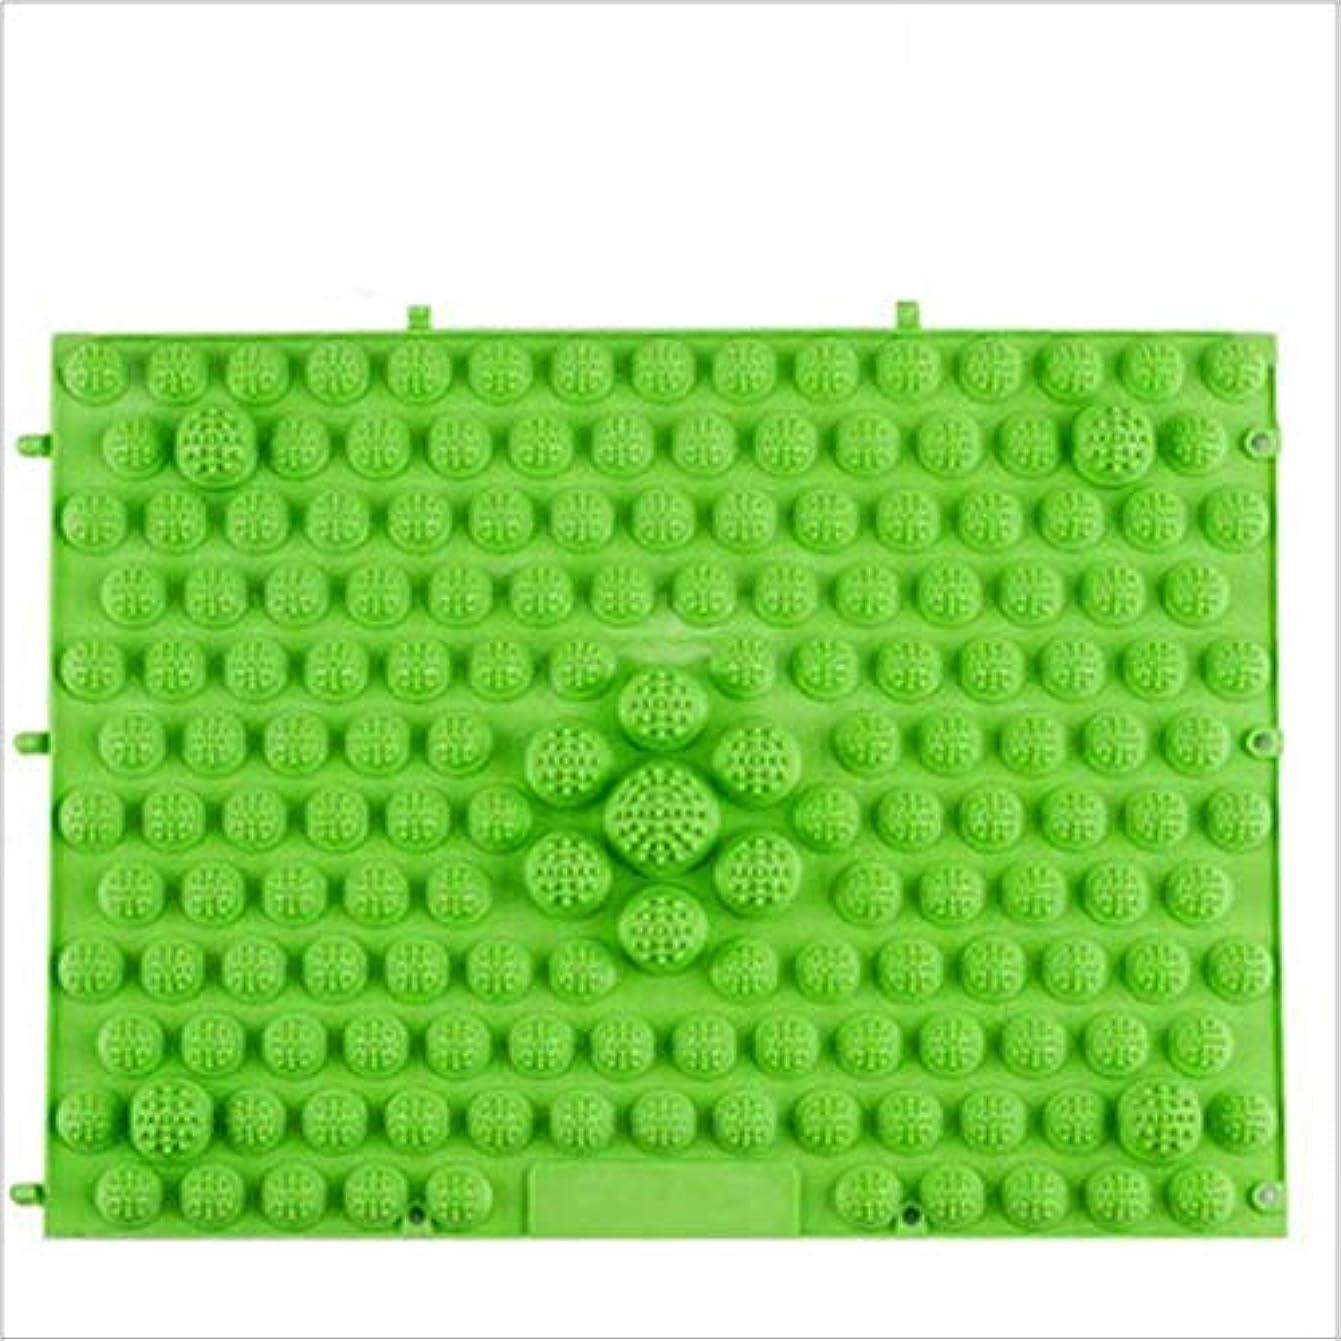 こだわり重さスイス人ウォークマット 裏板セット(ABS樹脂製補強板付き) (グリーン)